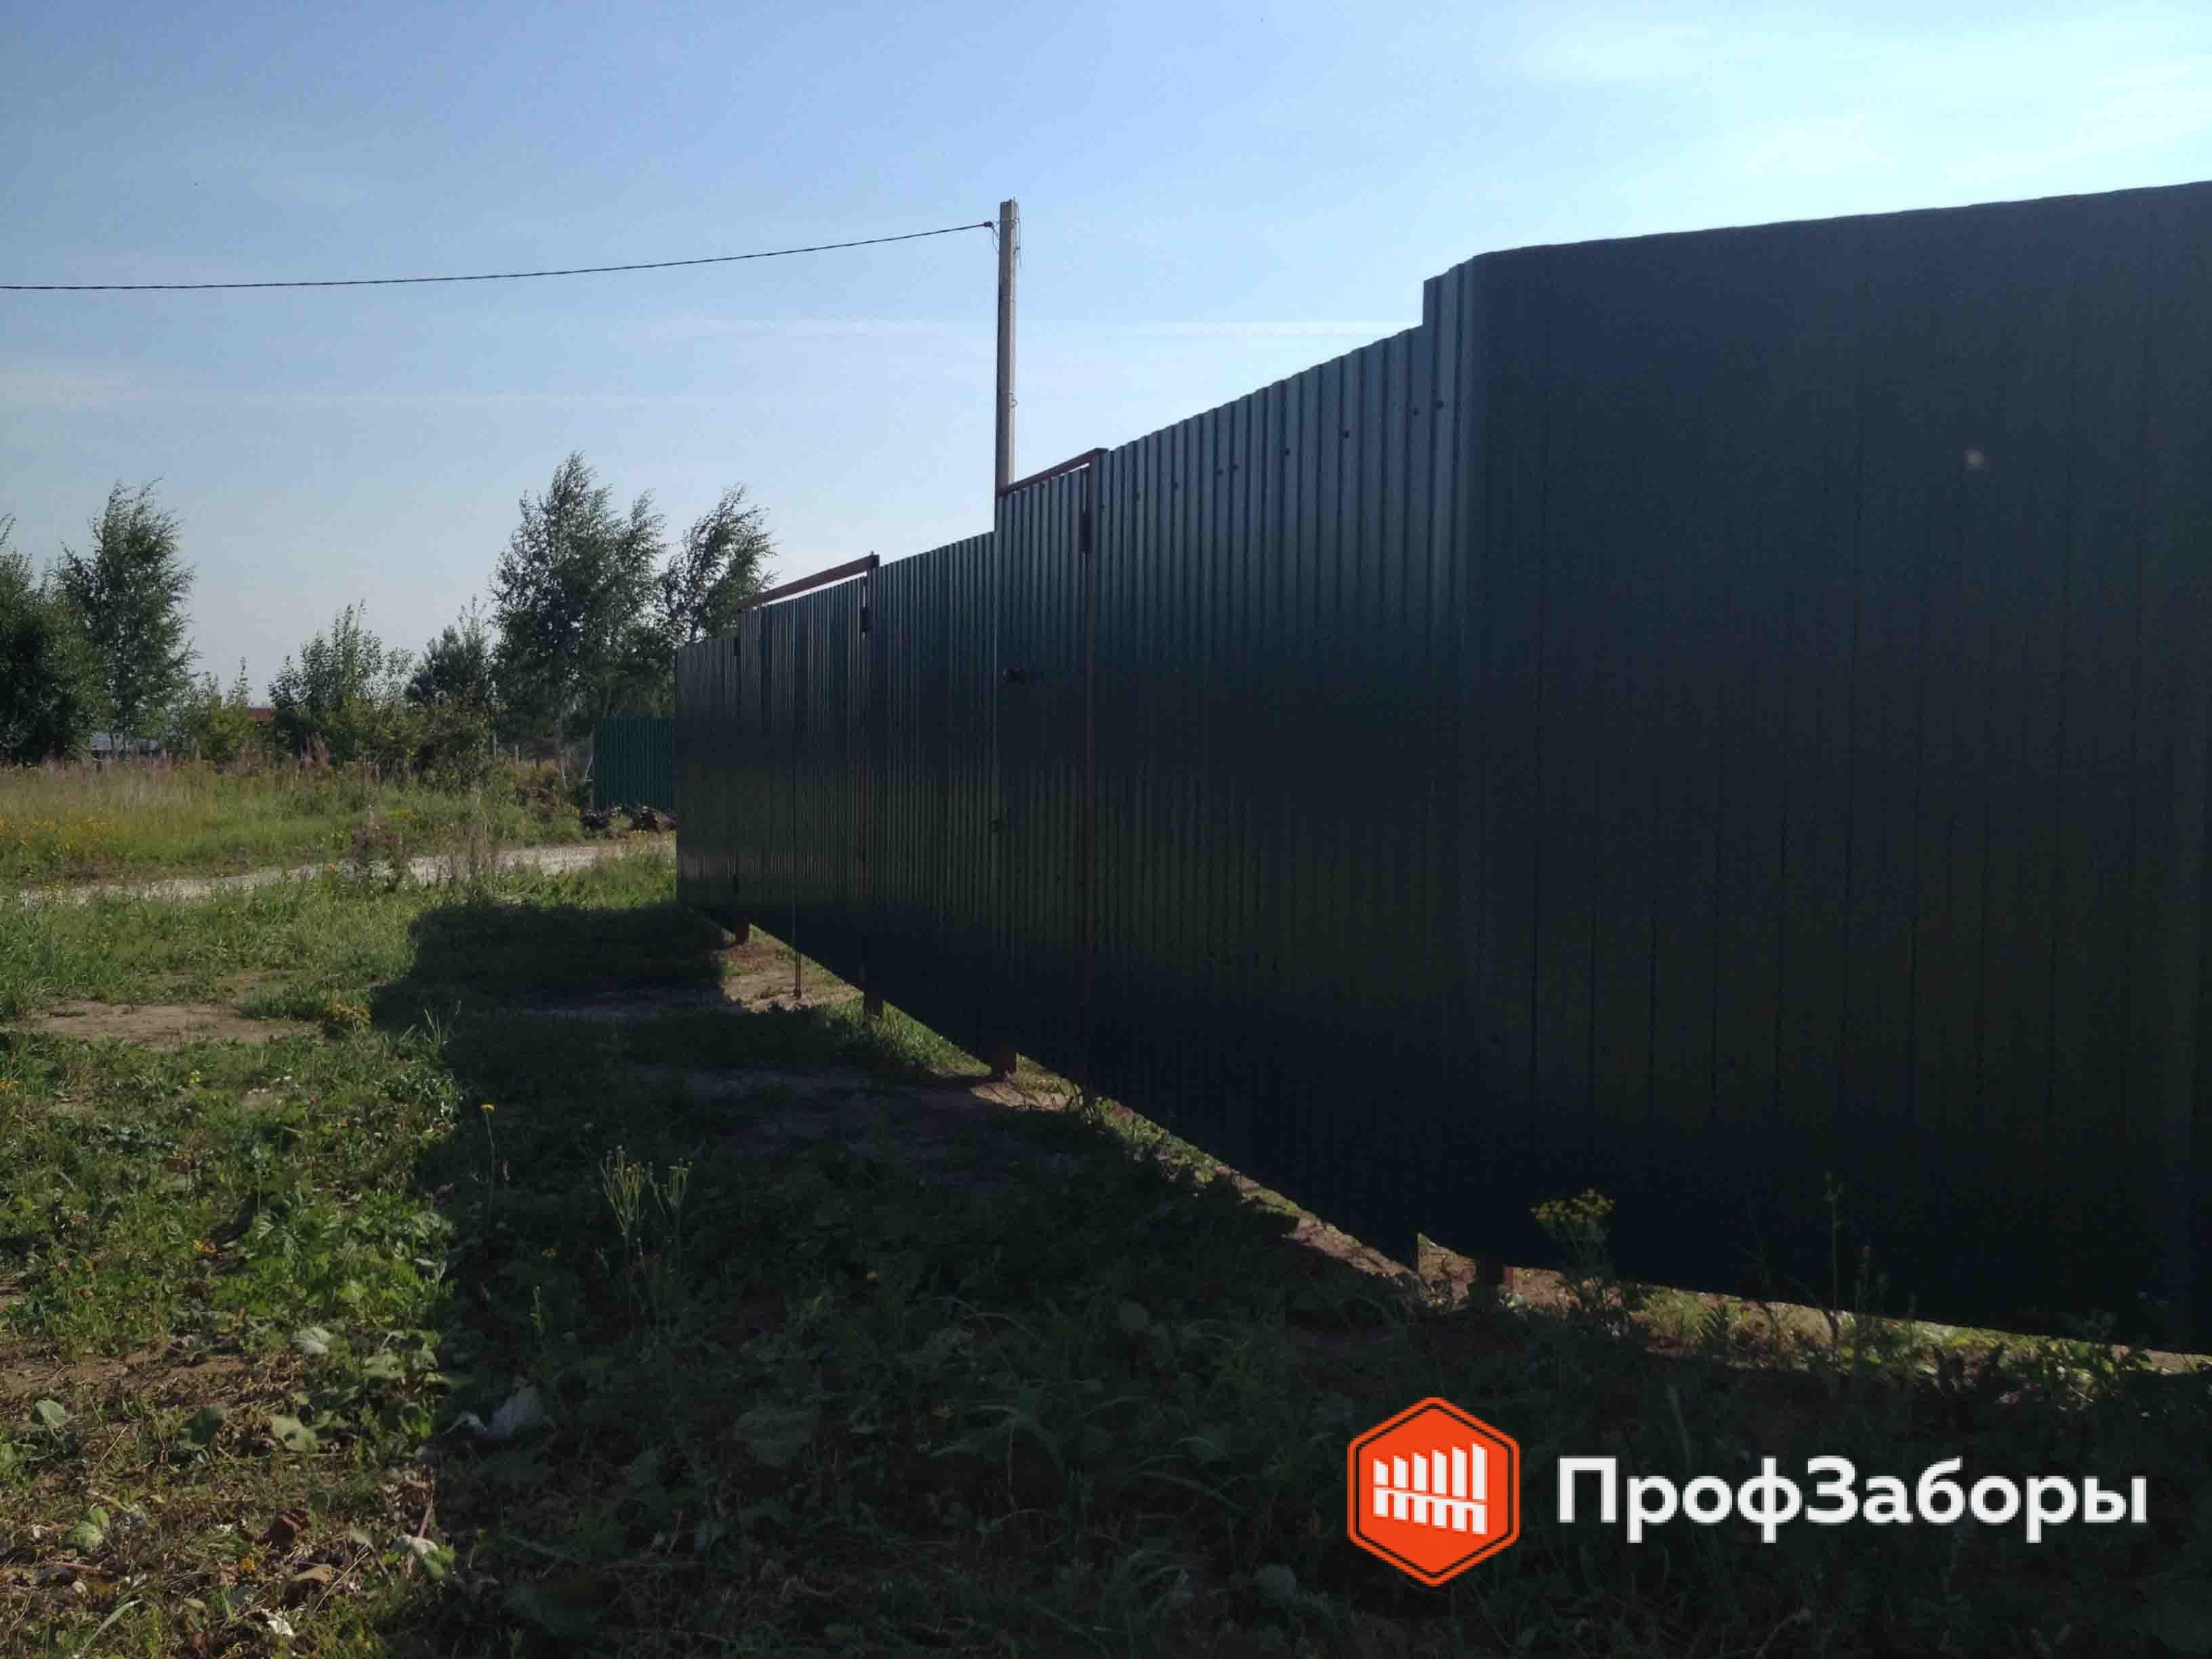 Заборы Из профнастила  - ОреховоЗуевский район. Фото 3